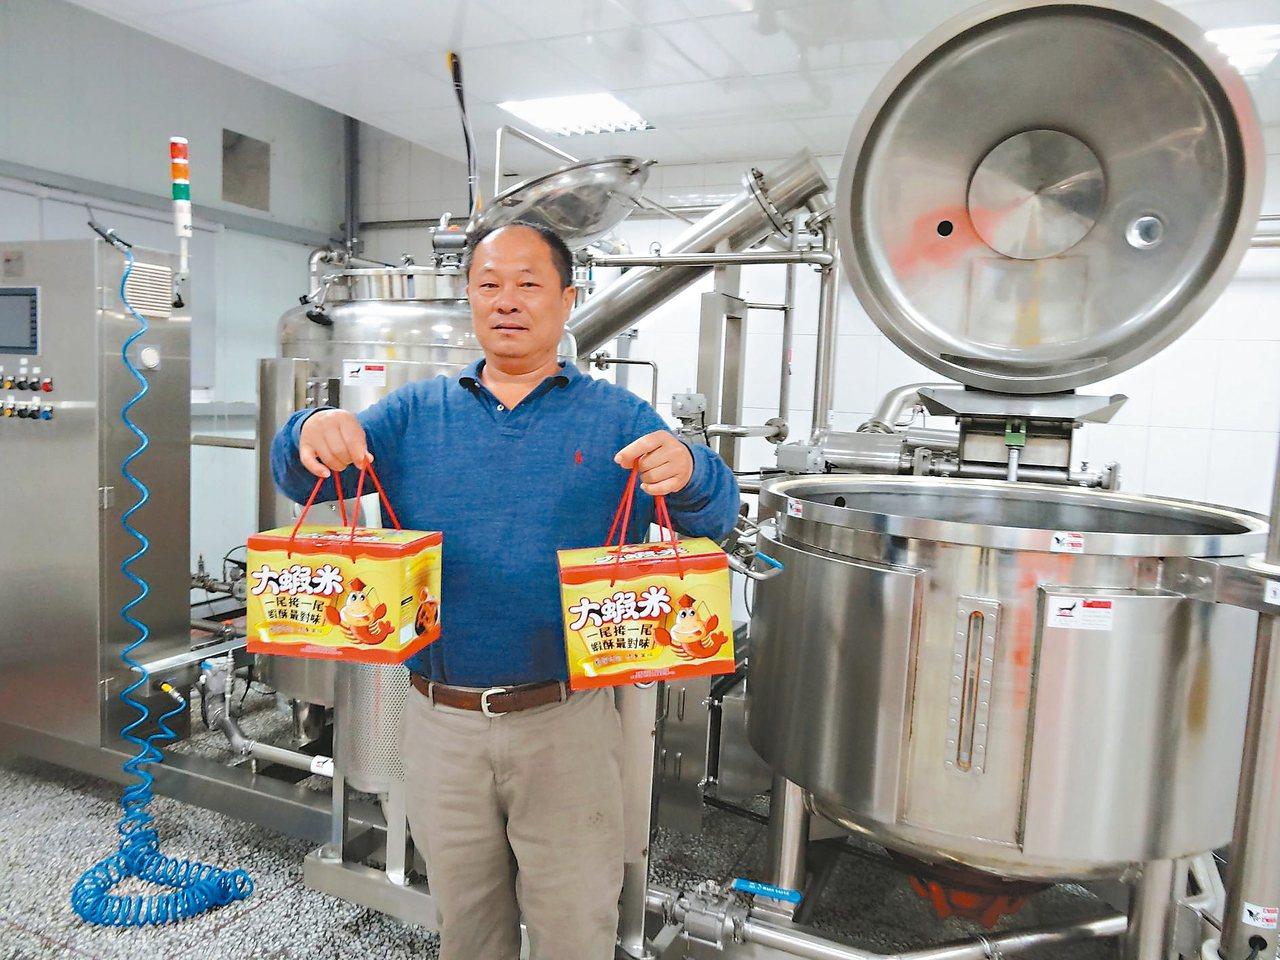 布袋鎮水產冷凍業者蕭博忠,研發真空低溫脫油烘焙技術,將白蝦變成零嘴美食大蝦米。 ...